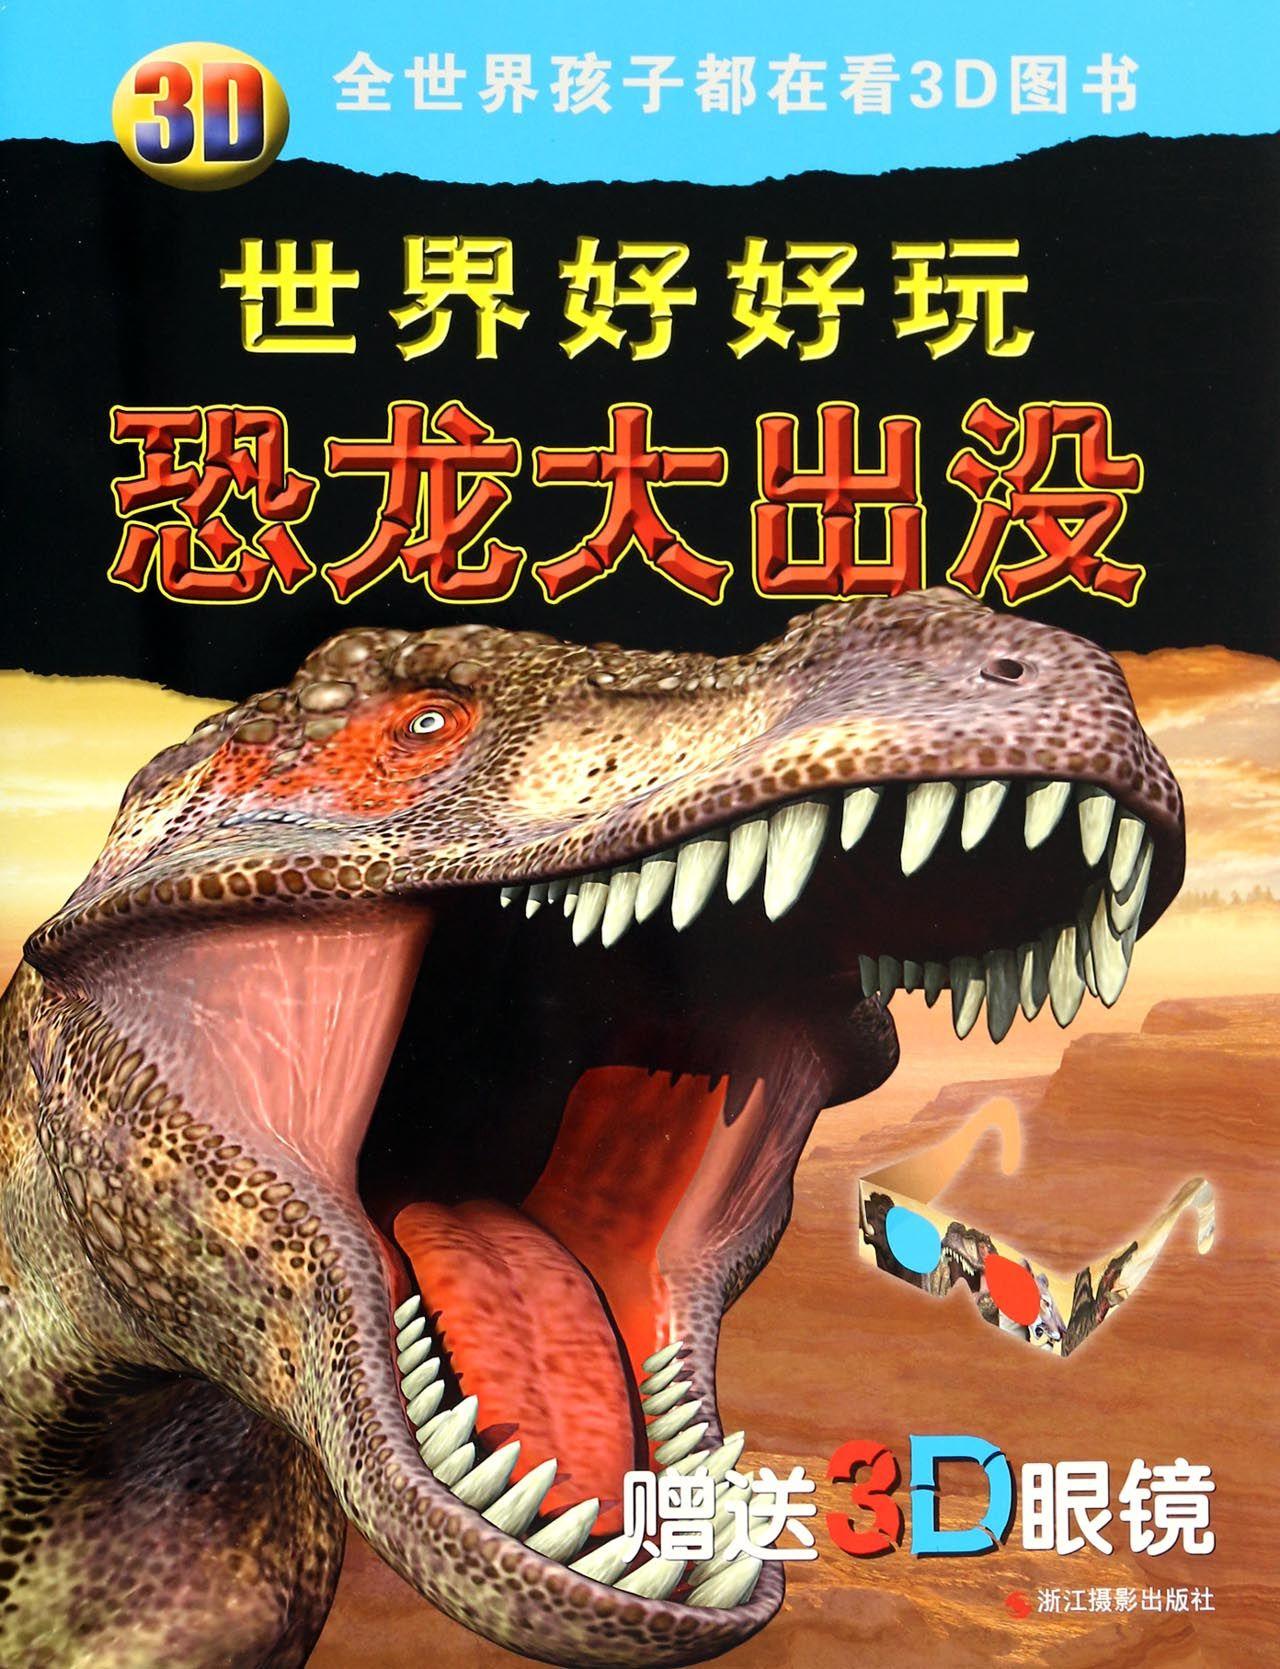 动物 恐龙 1280_1669 竖版 竖屏